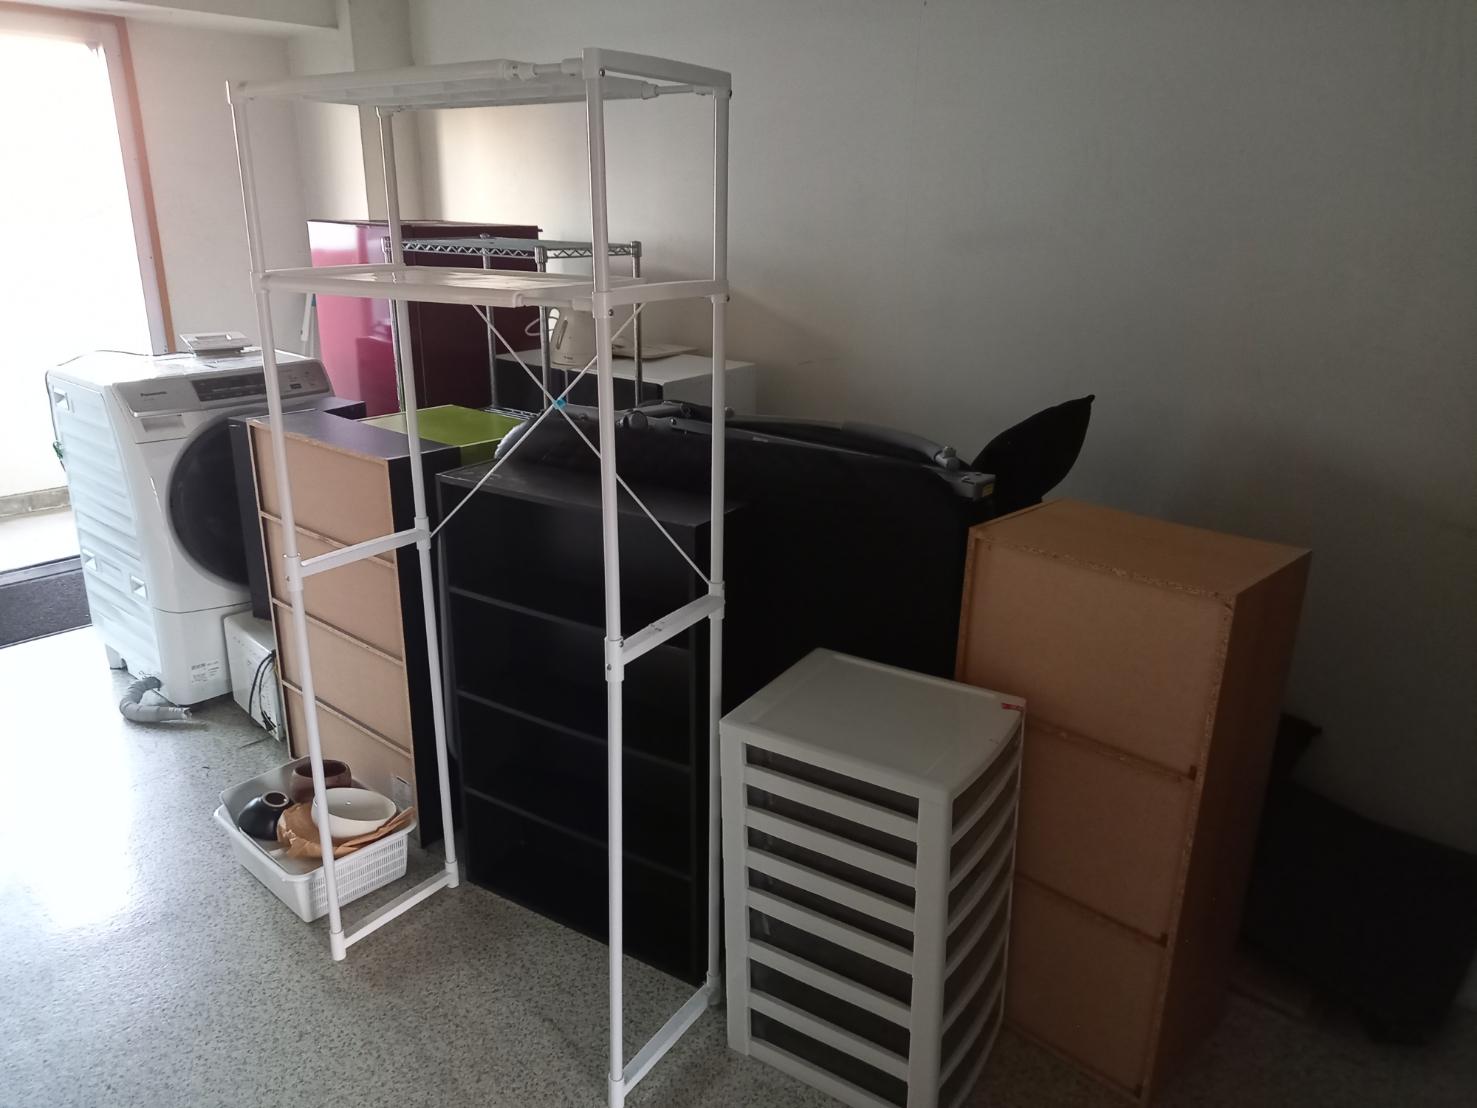 洗濯機、カラーボックス、冷蔵庫、ランドリーラックの回収前